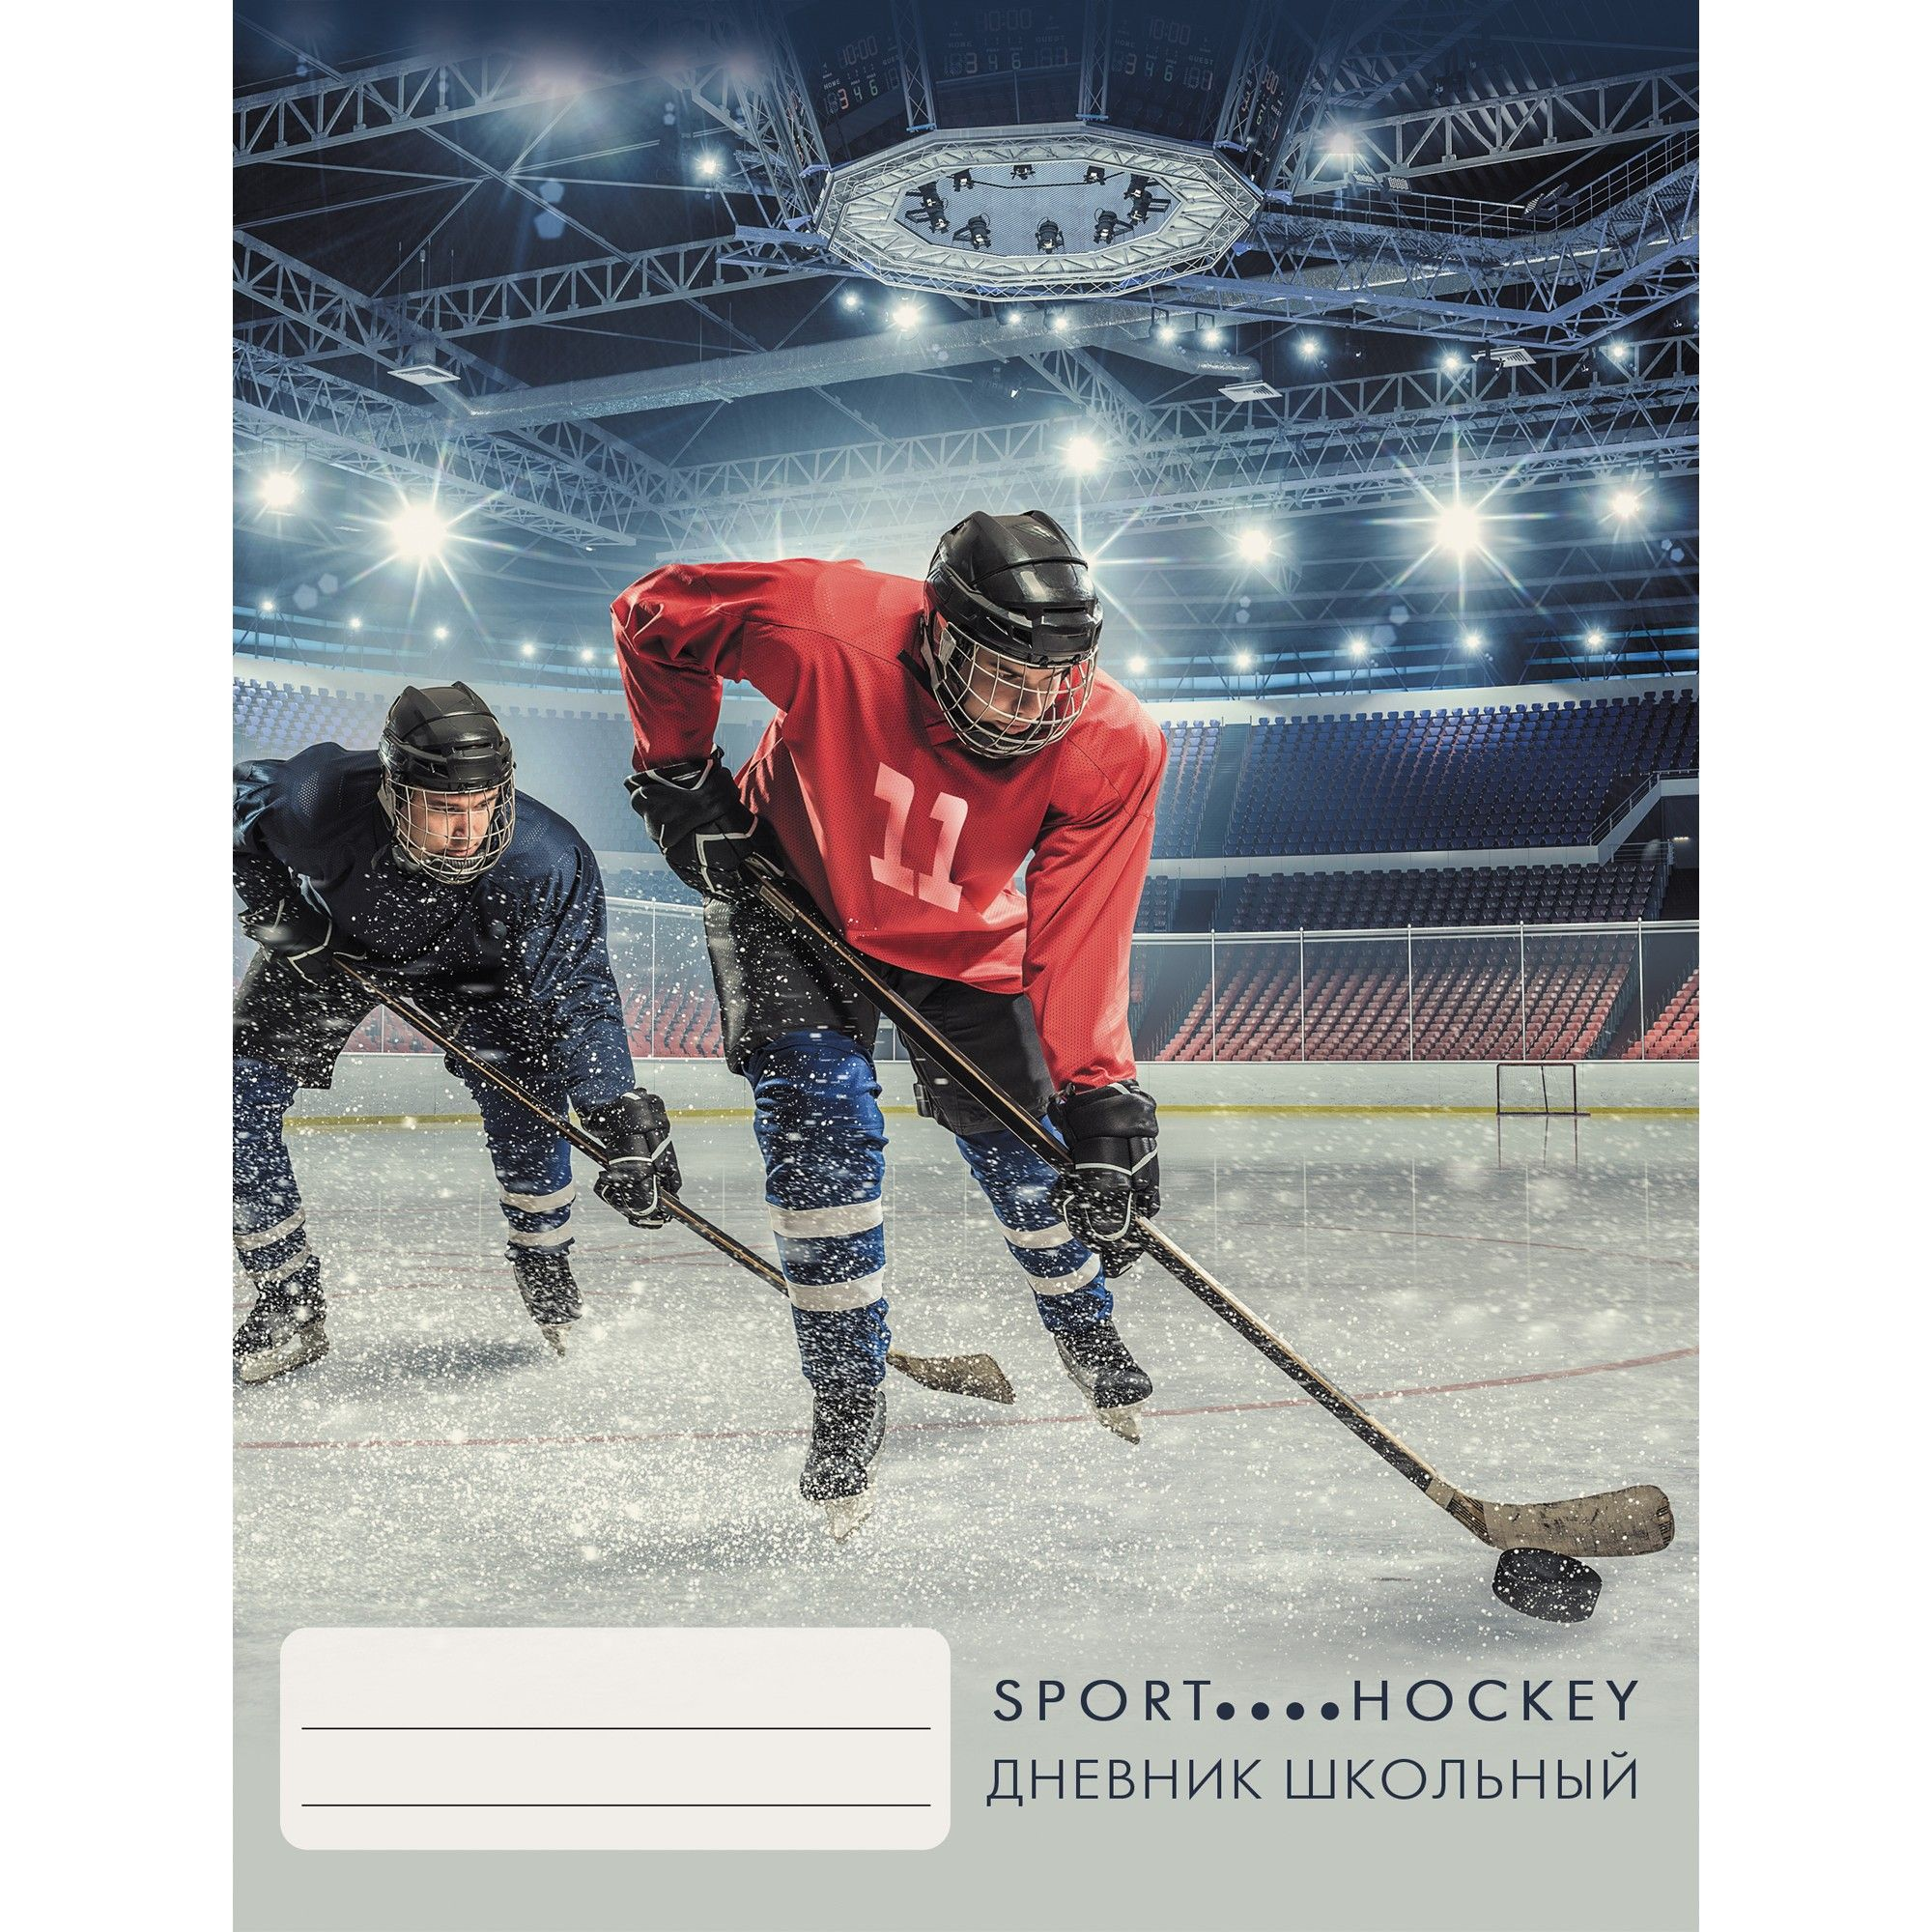 Дневник ст кл Спортивные рекорды. Дизайн 7